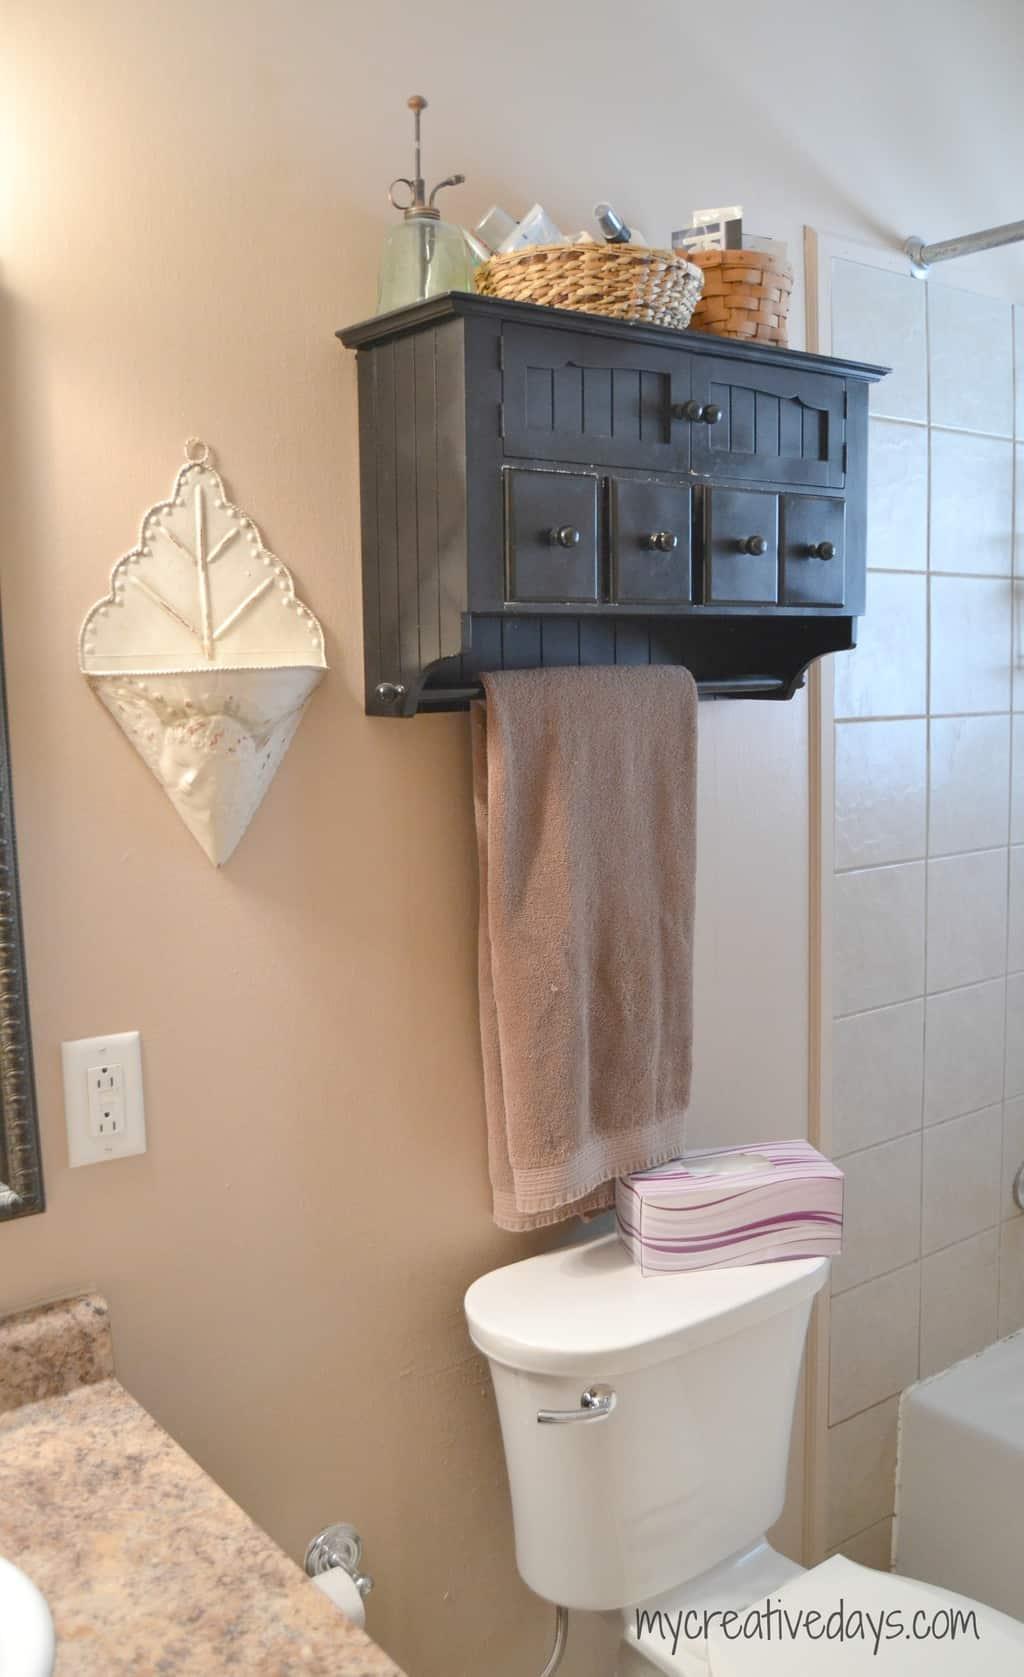 Small Bathroom Makeover Under $50 mycreativedays.com